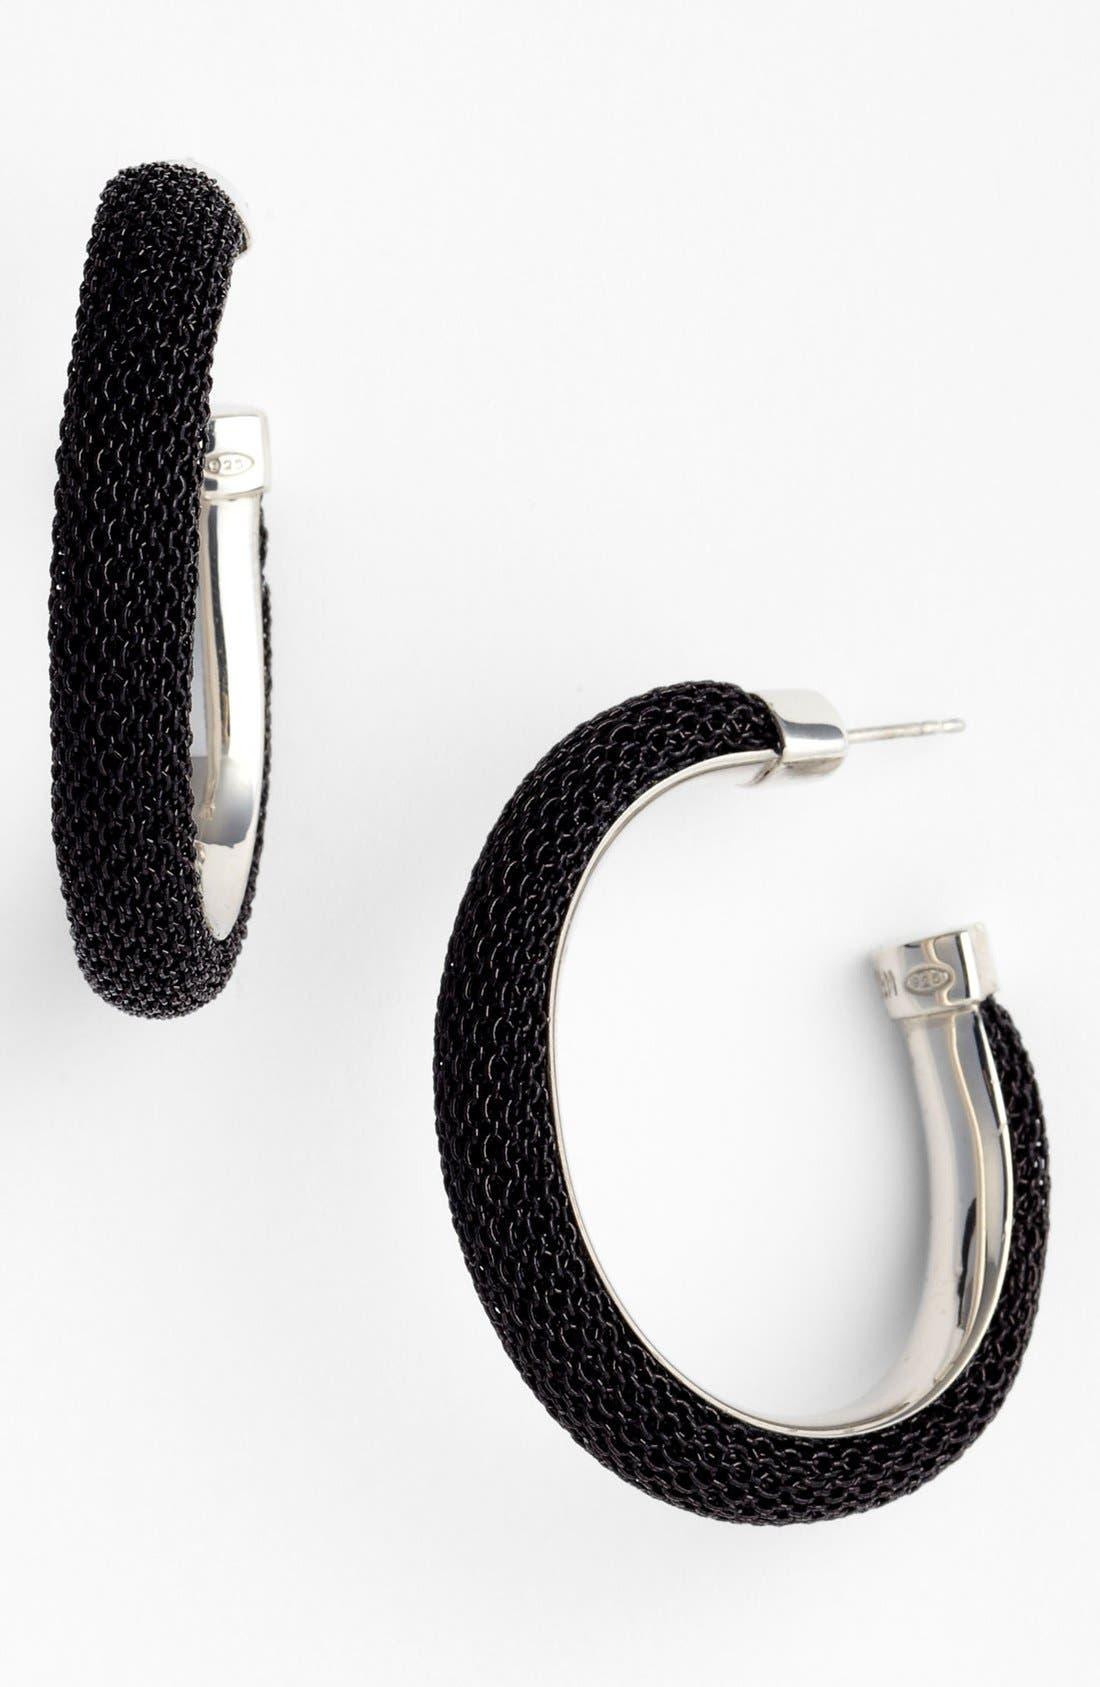 Main Image - Adami & Martucci 'Mesh' Oval Hoop Earrings (Nordstrom Exclusive)